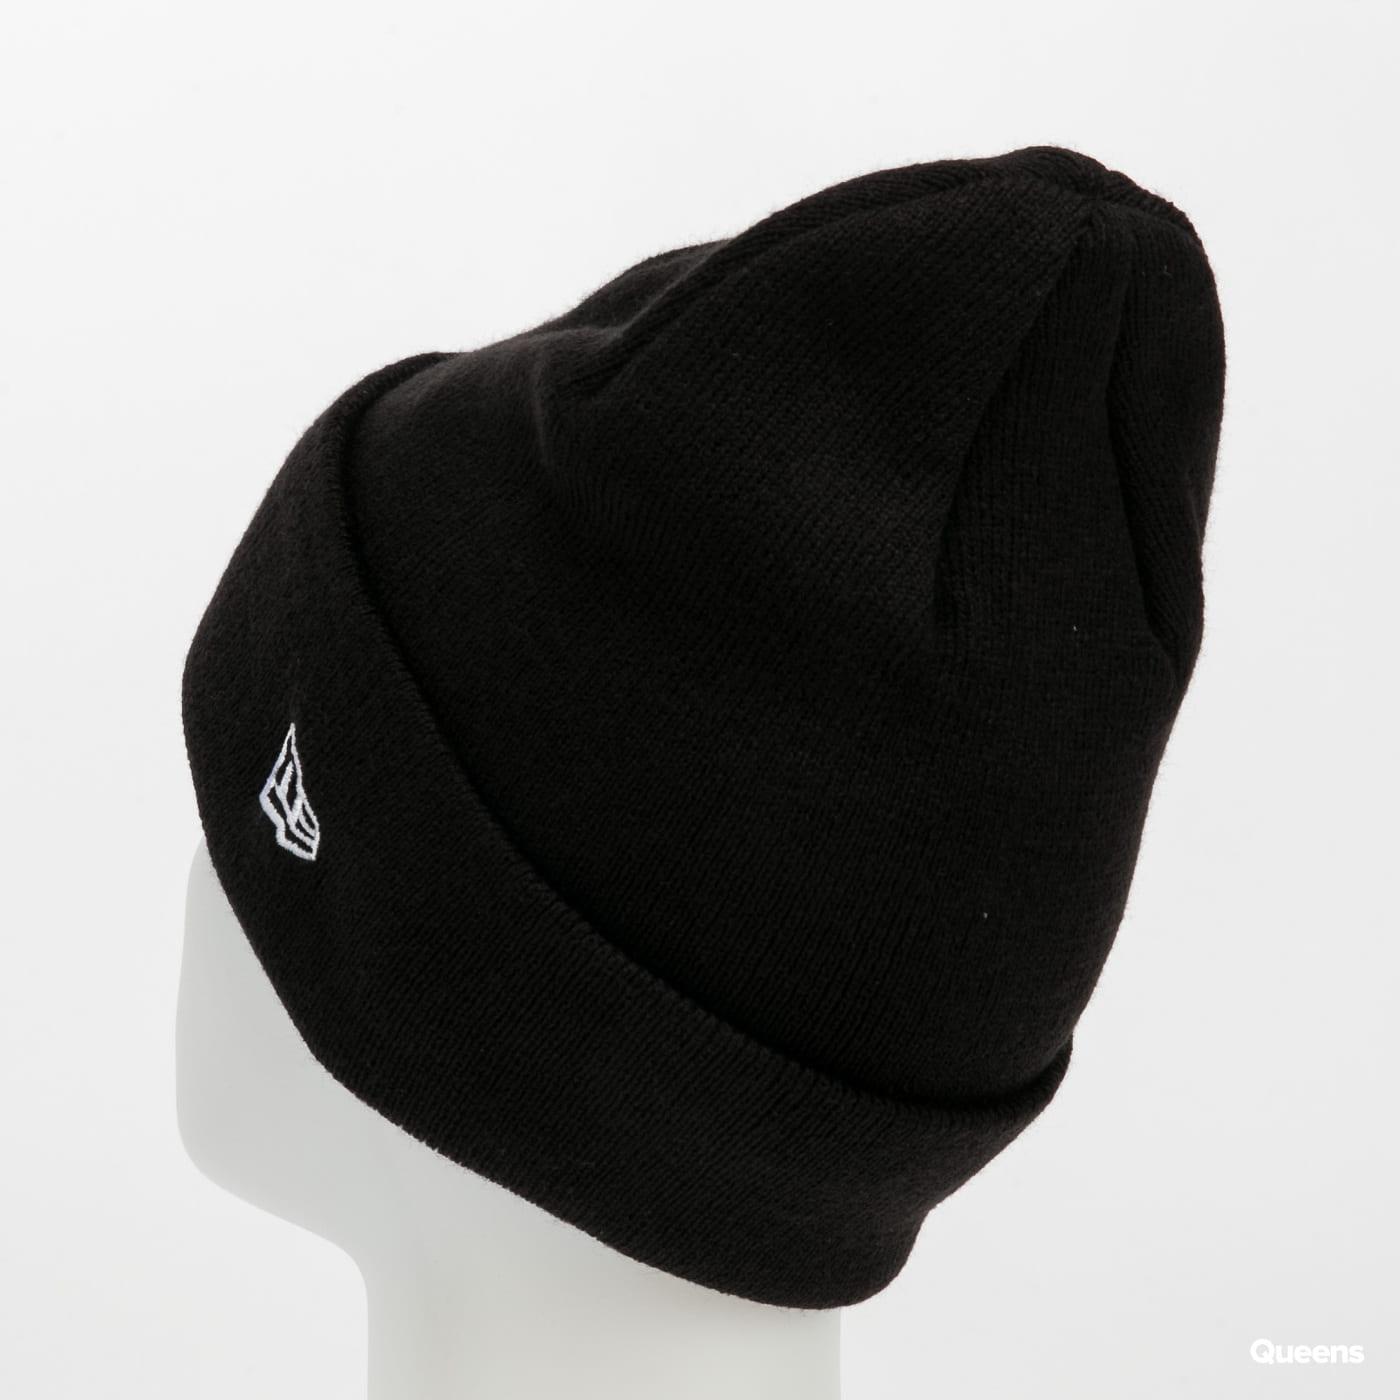 New Era Essential Cuff Knit New Era černý